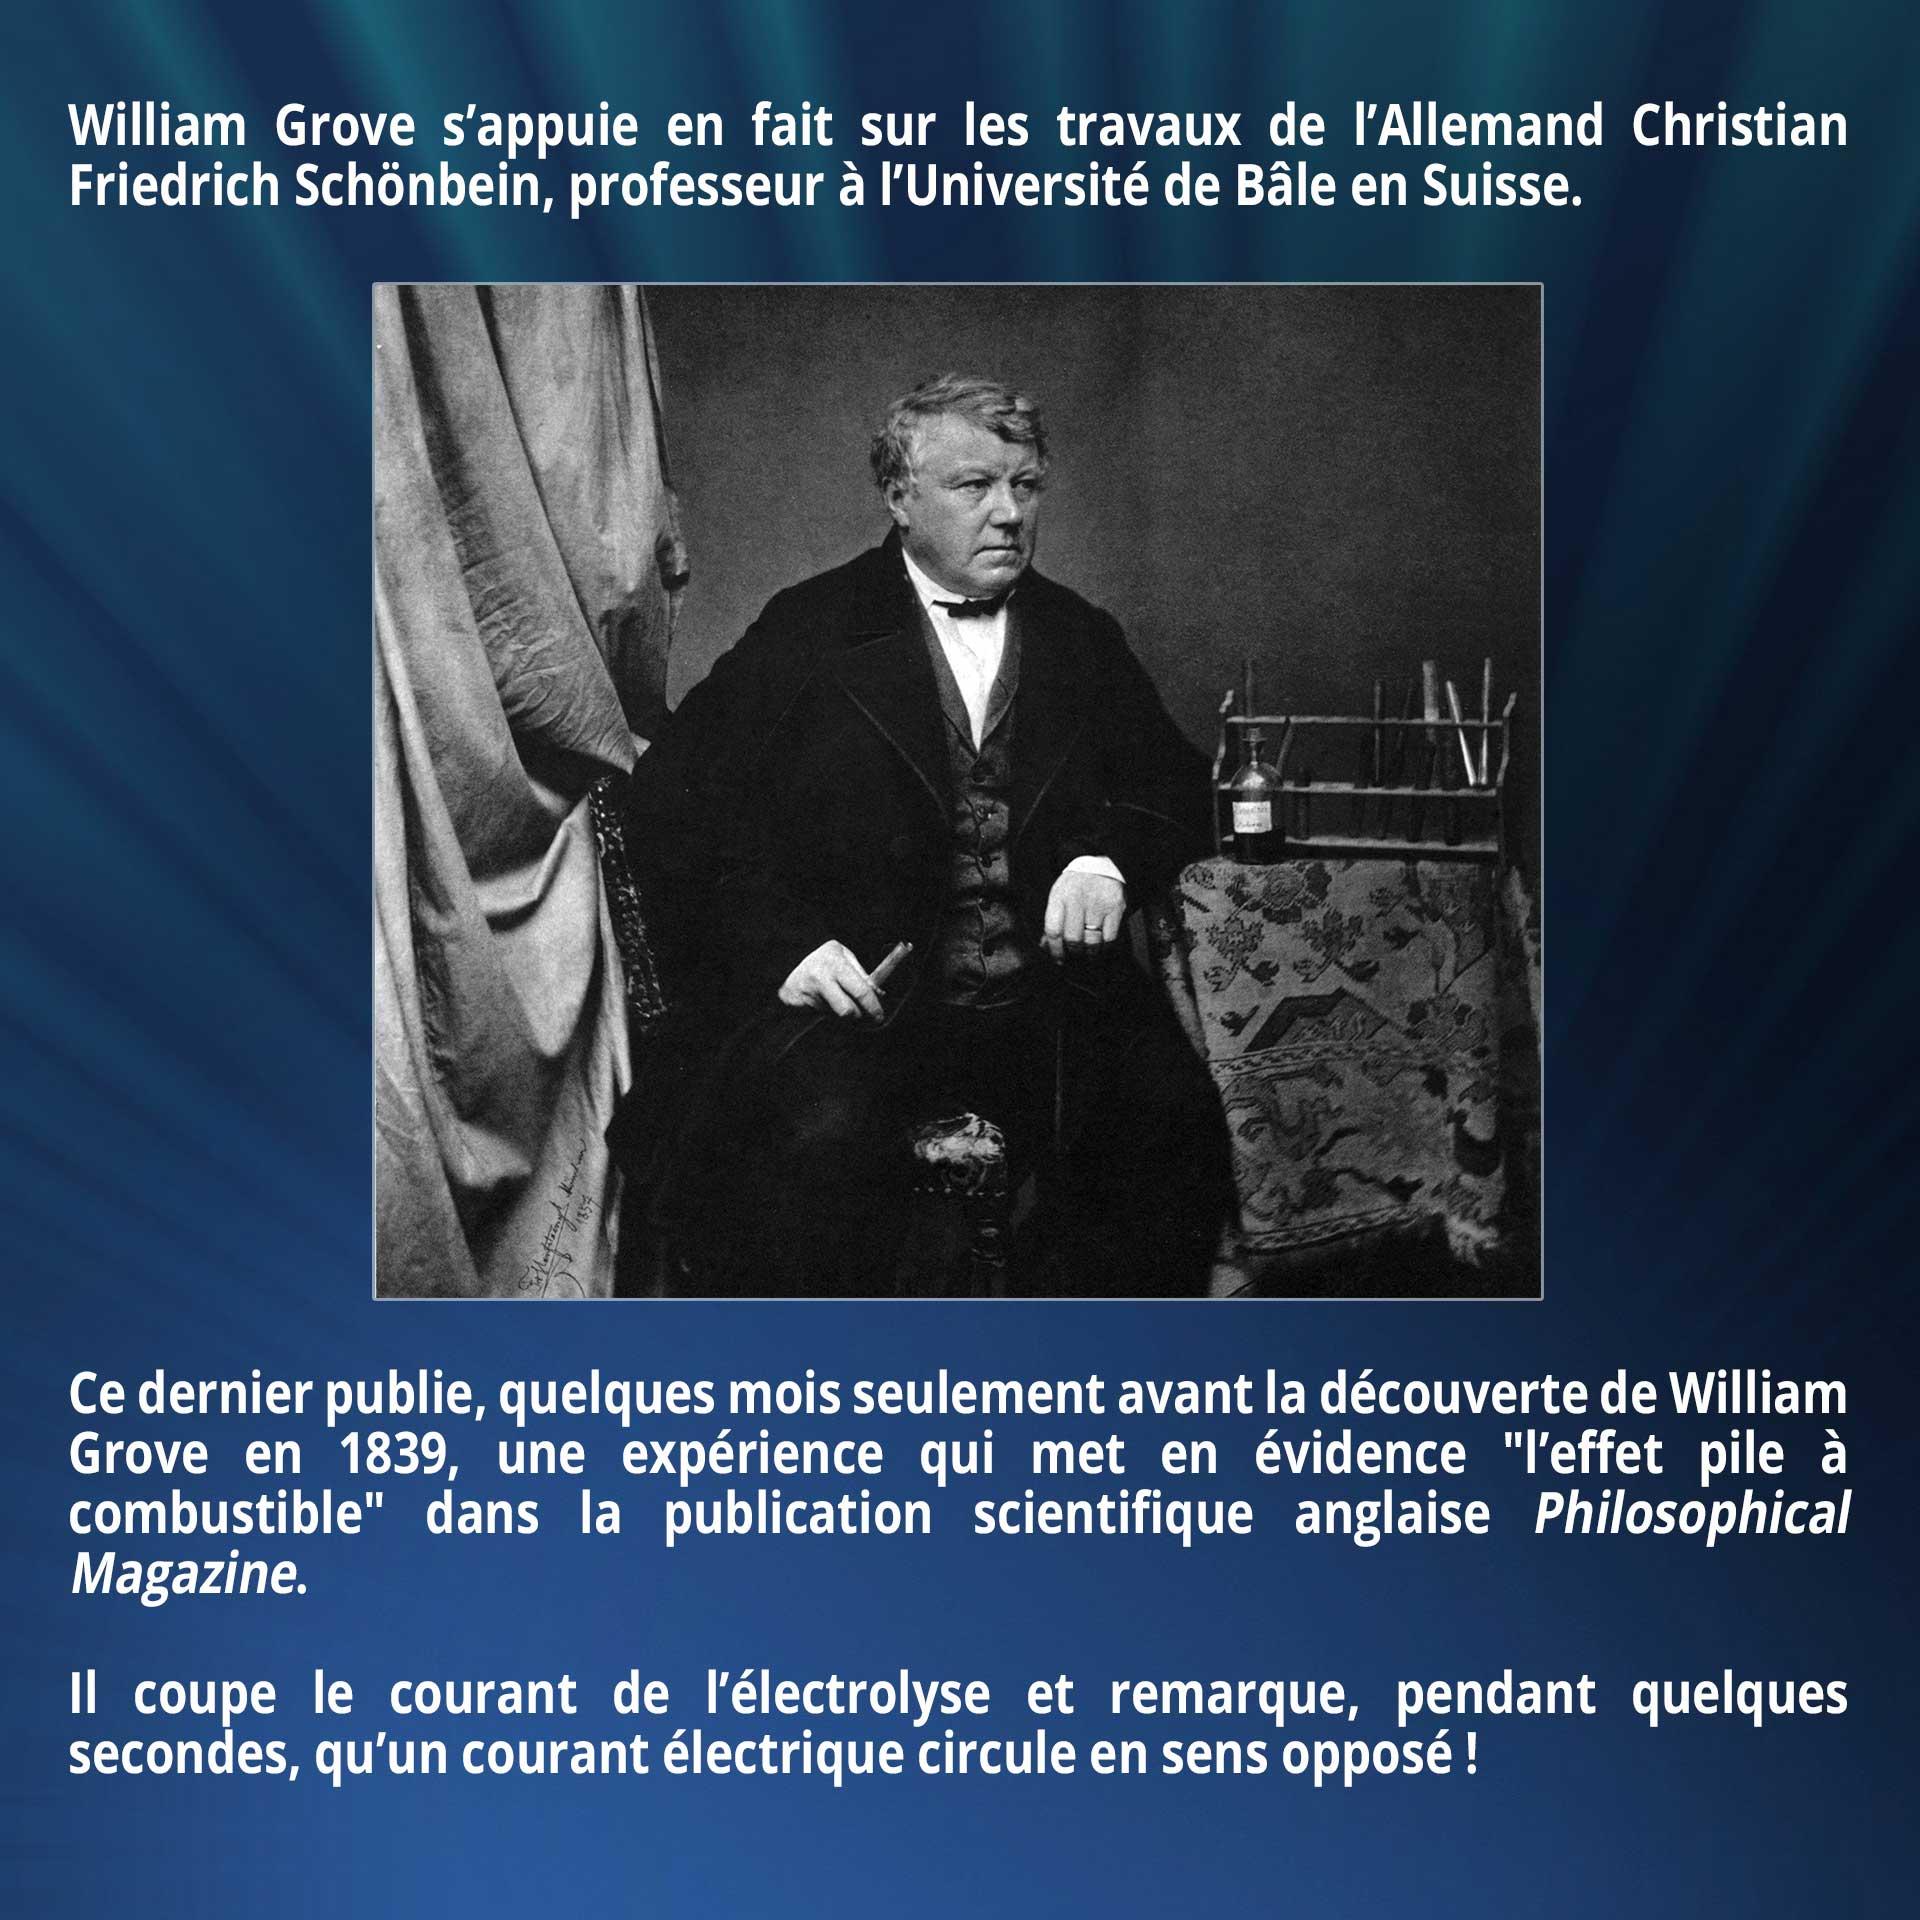 William Grove s'appuie en fait sur les travaux de l'Allemand Christian Friedrich Schönbein, professeur à l'Université de Bâle en Suisse. Ce dernier publie, quelques mois seulement avant la découverte de William Grove en 1839, une expérience qui met en évidence